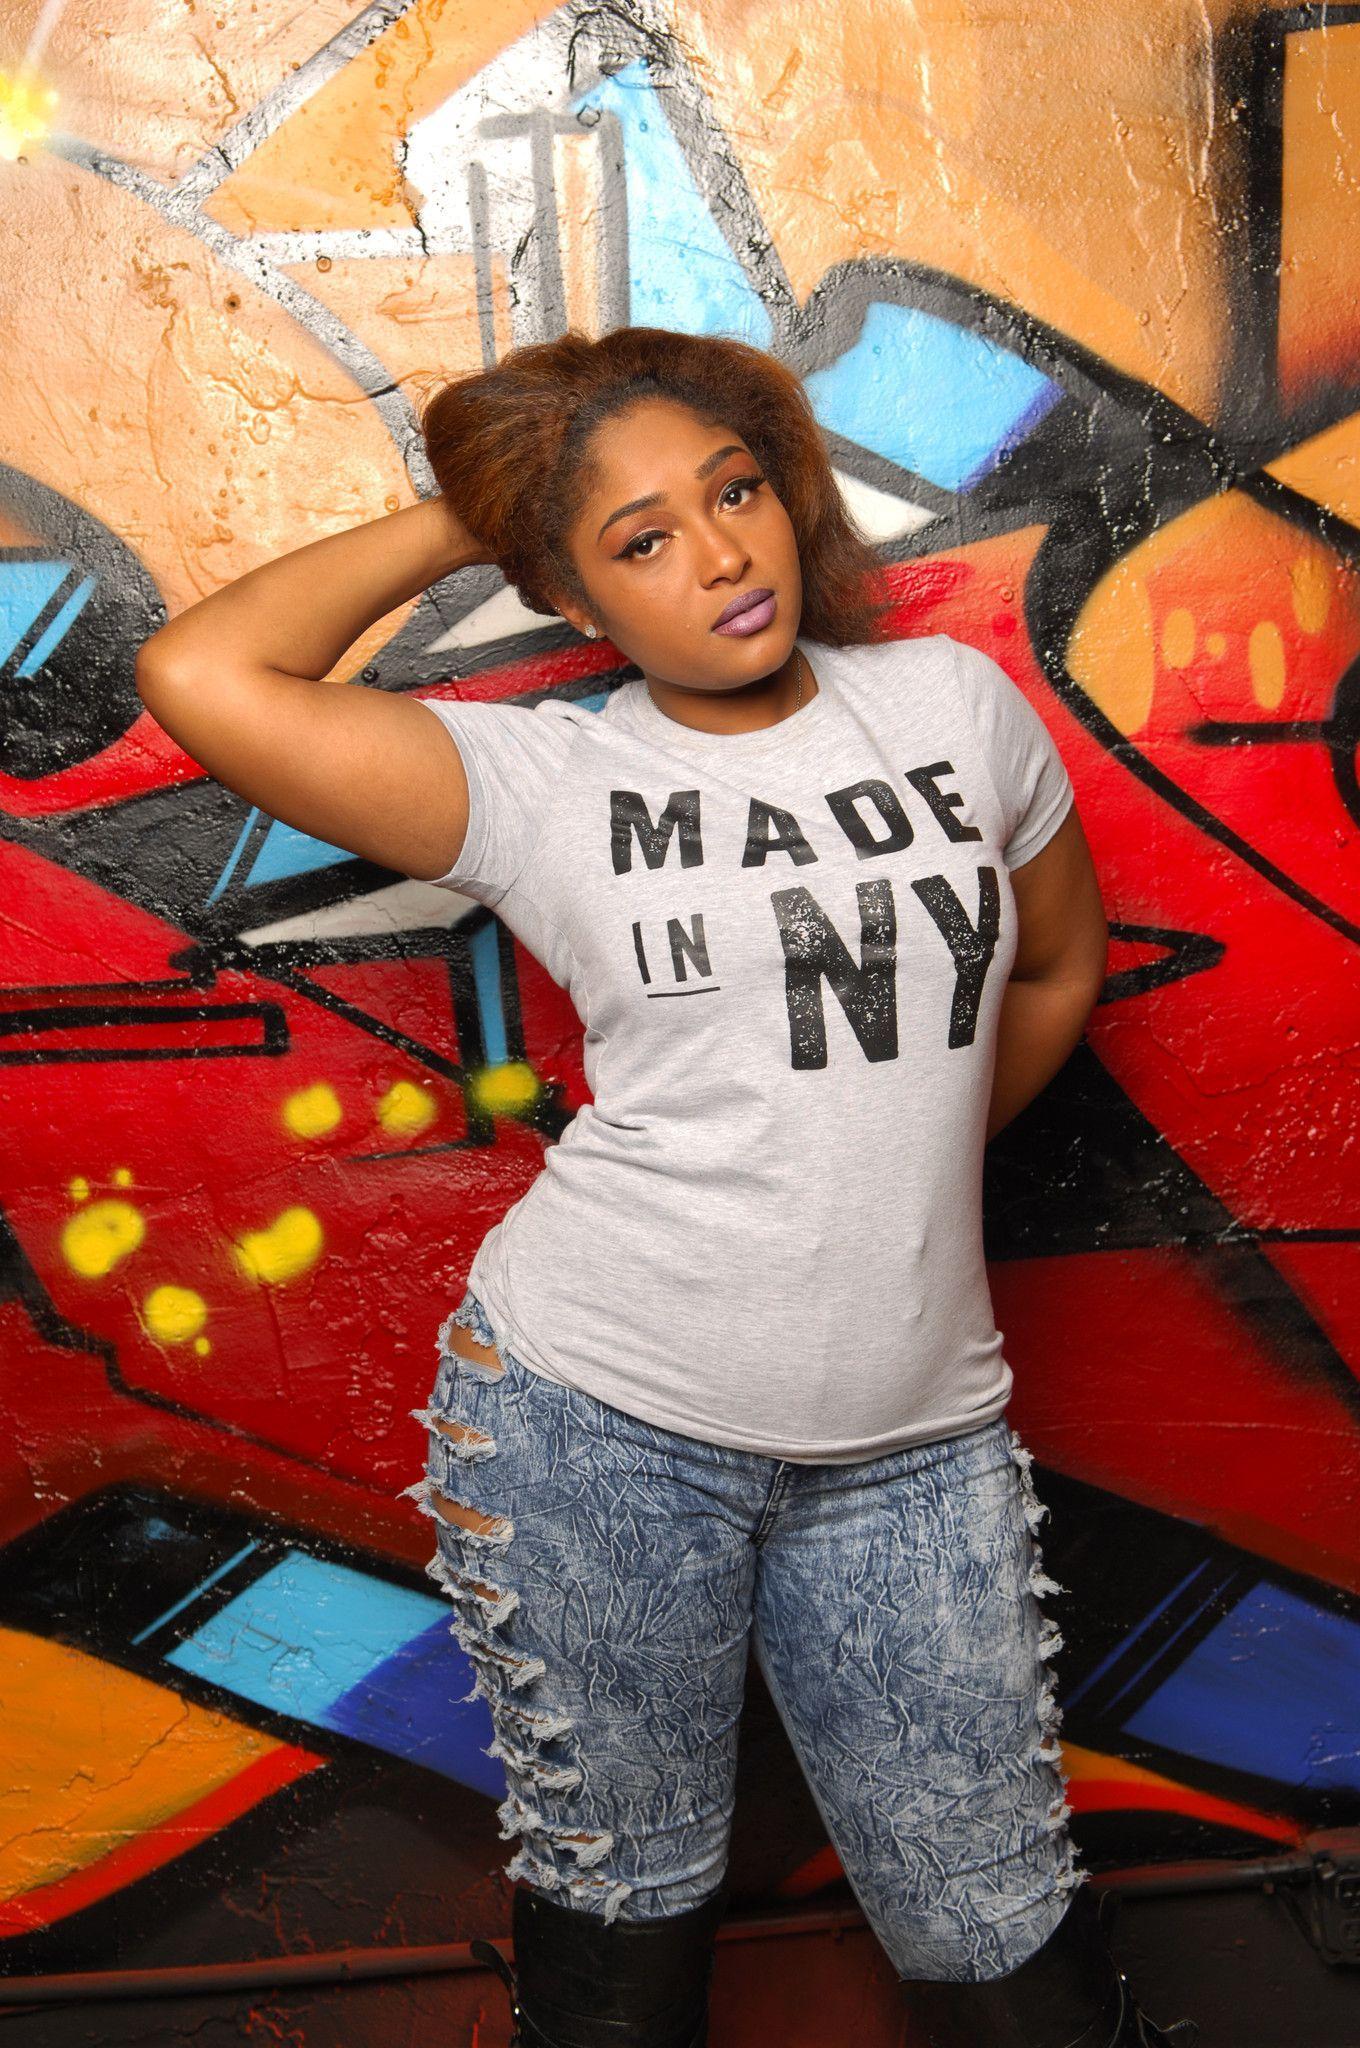 Made in New York (NY) Tee